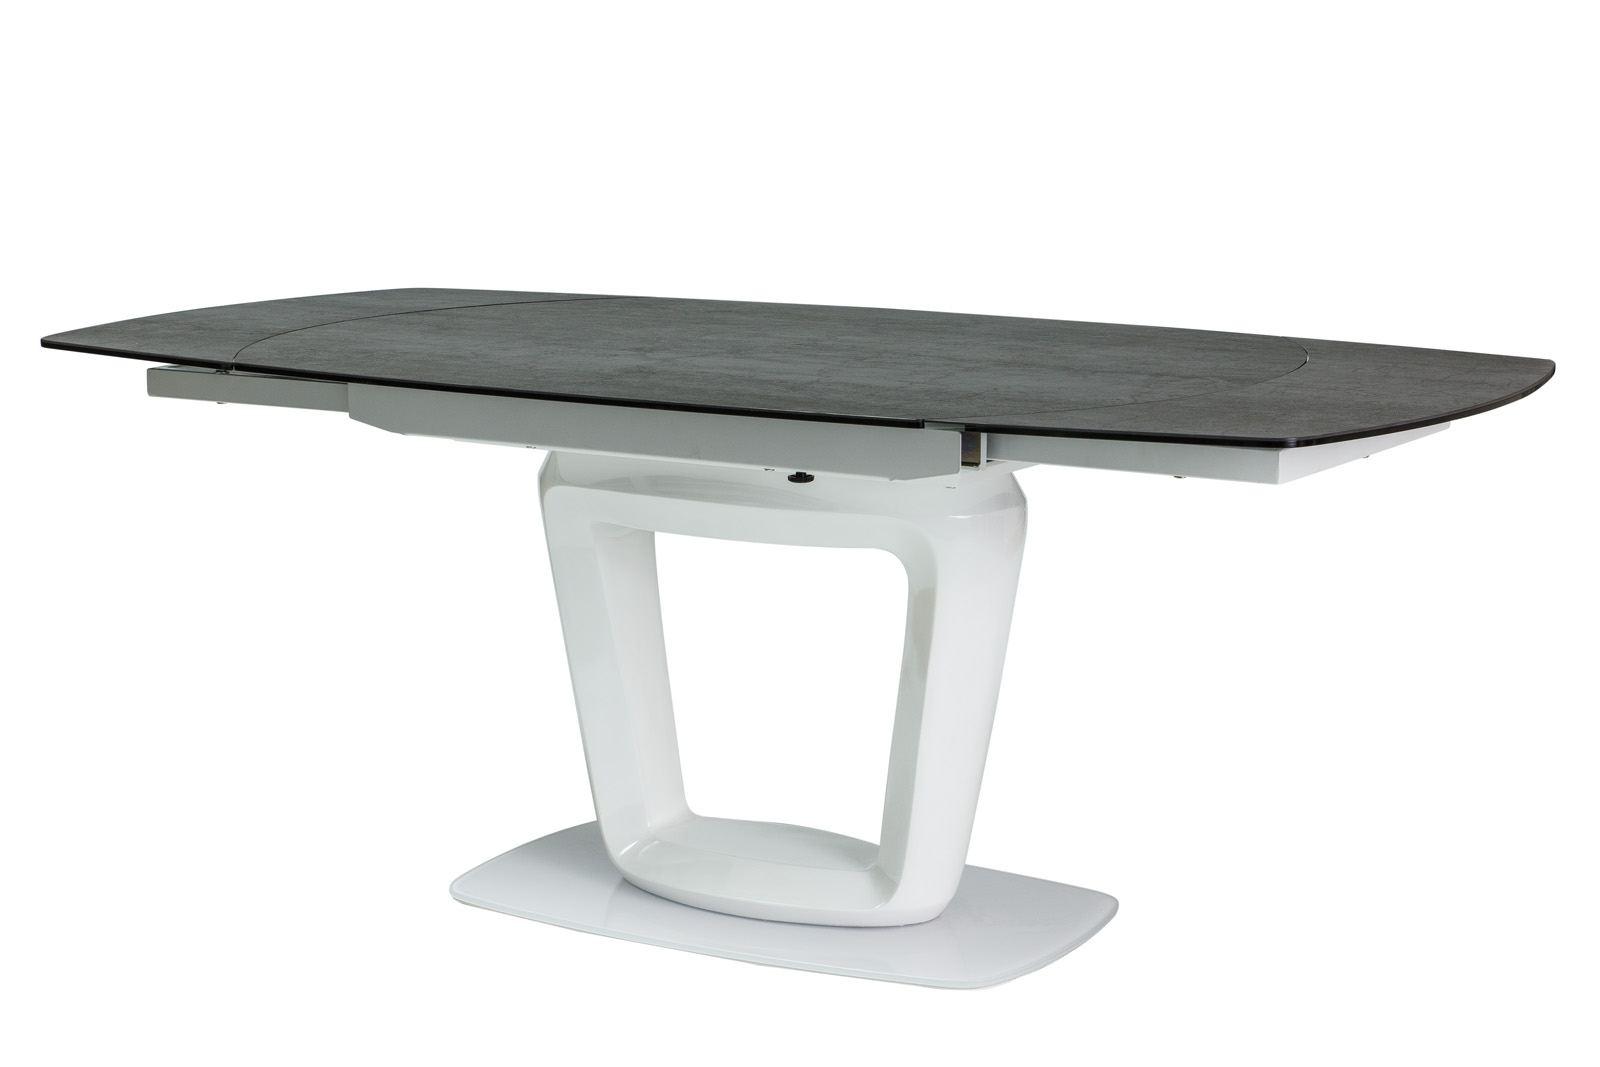 Esstisch ceramic mit tischplatte aus keramik modern design for Esstisch ausklappbar